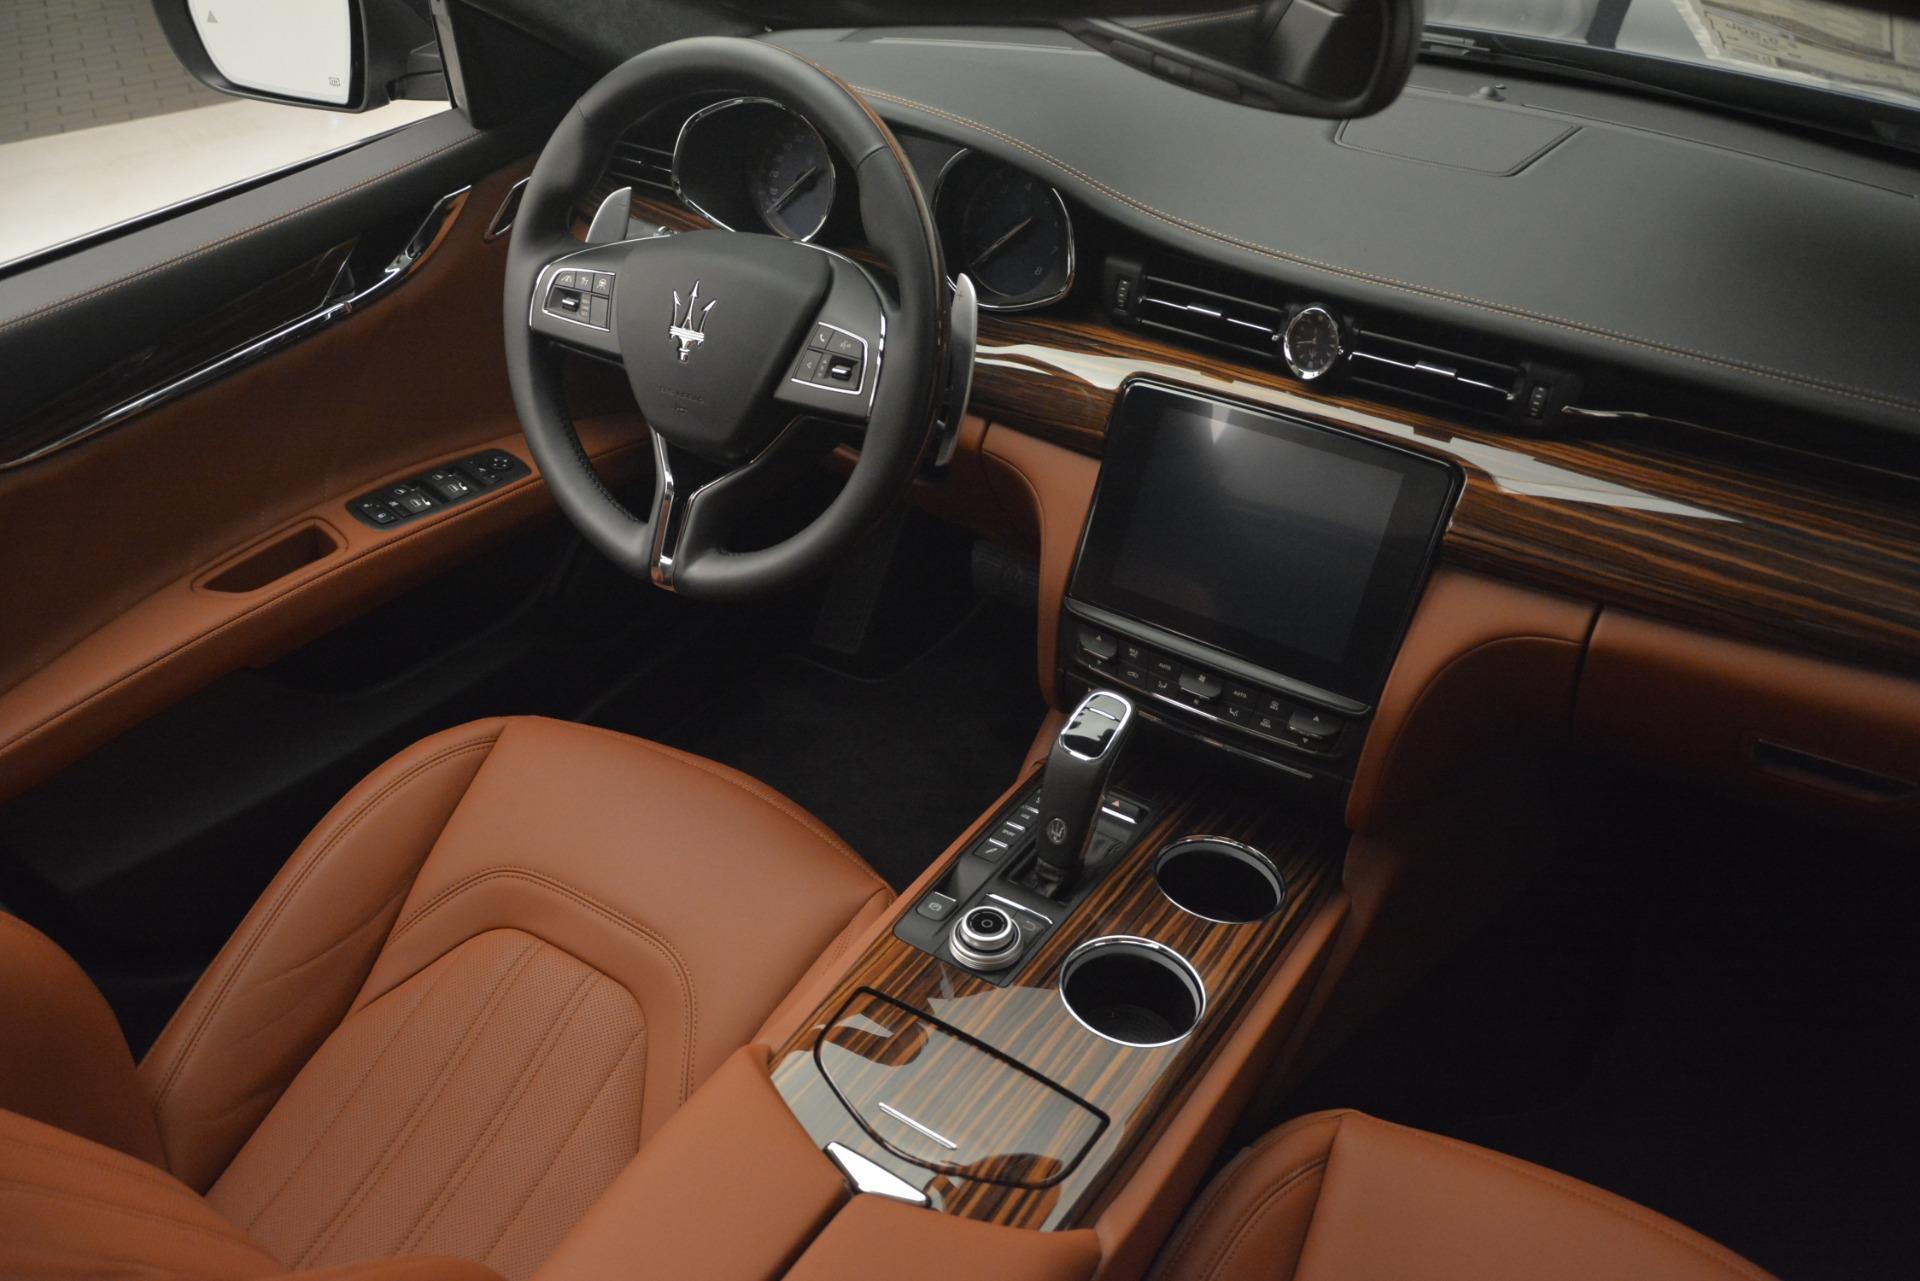 New 2019 Maserati Quattroporte S Q4 GranLusso For Sale In Greenwich, CT 2803_p16